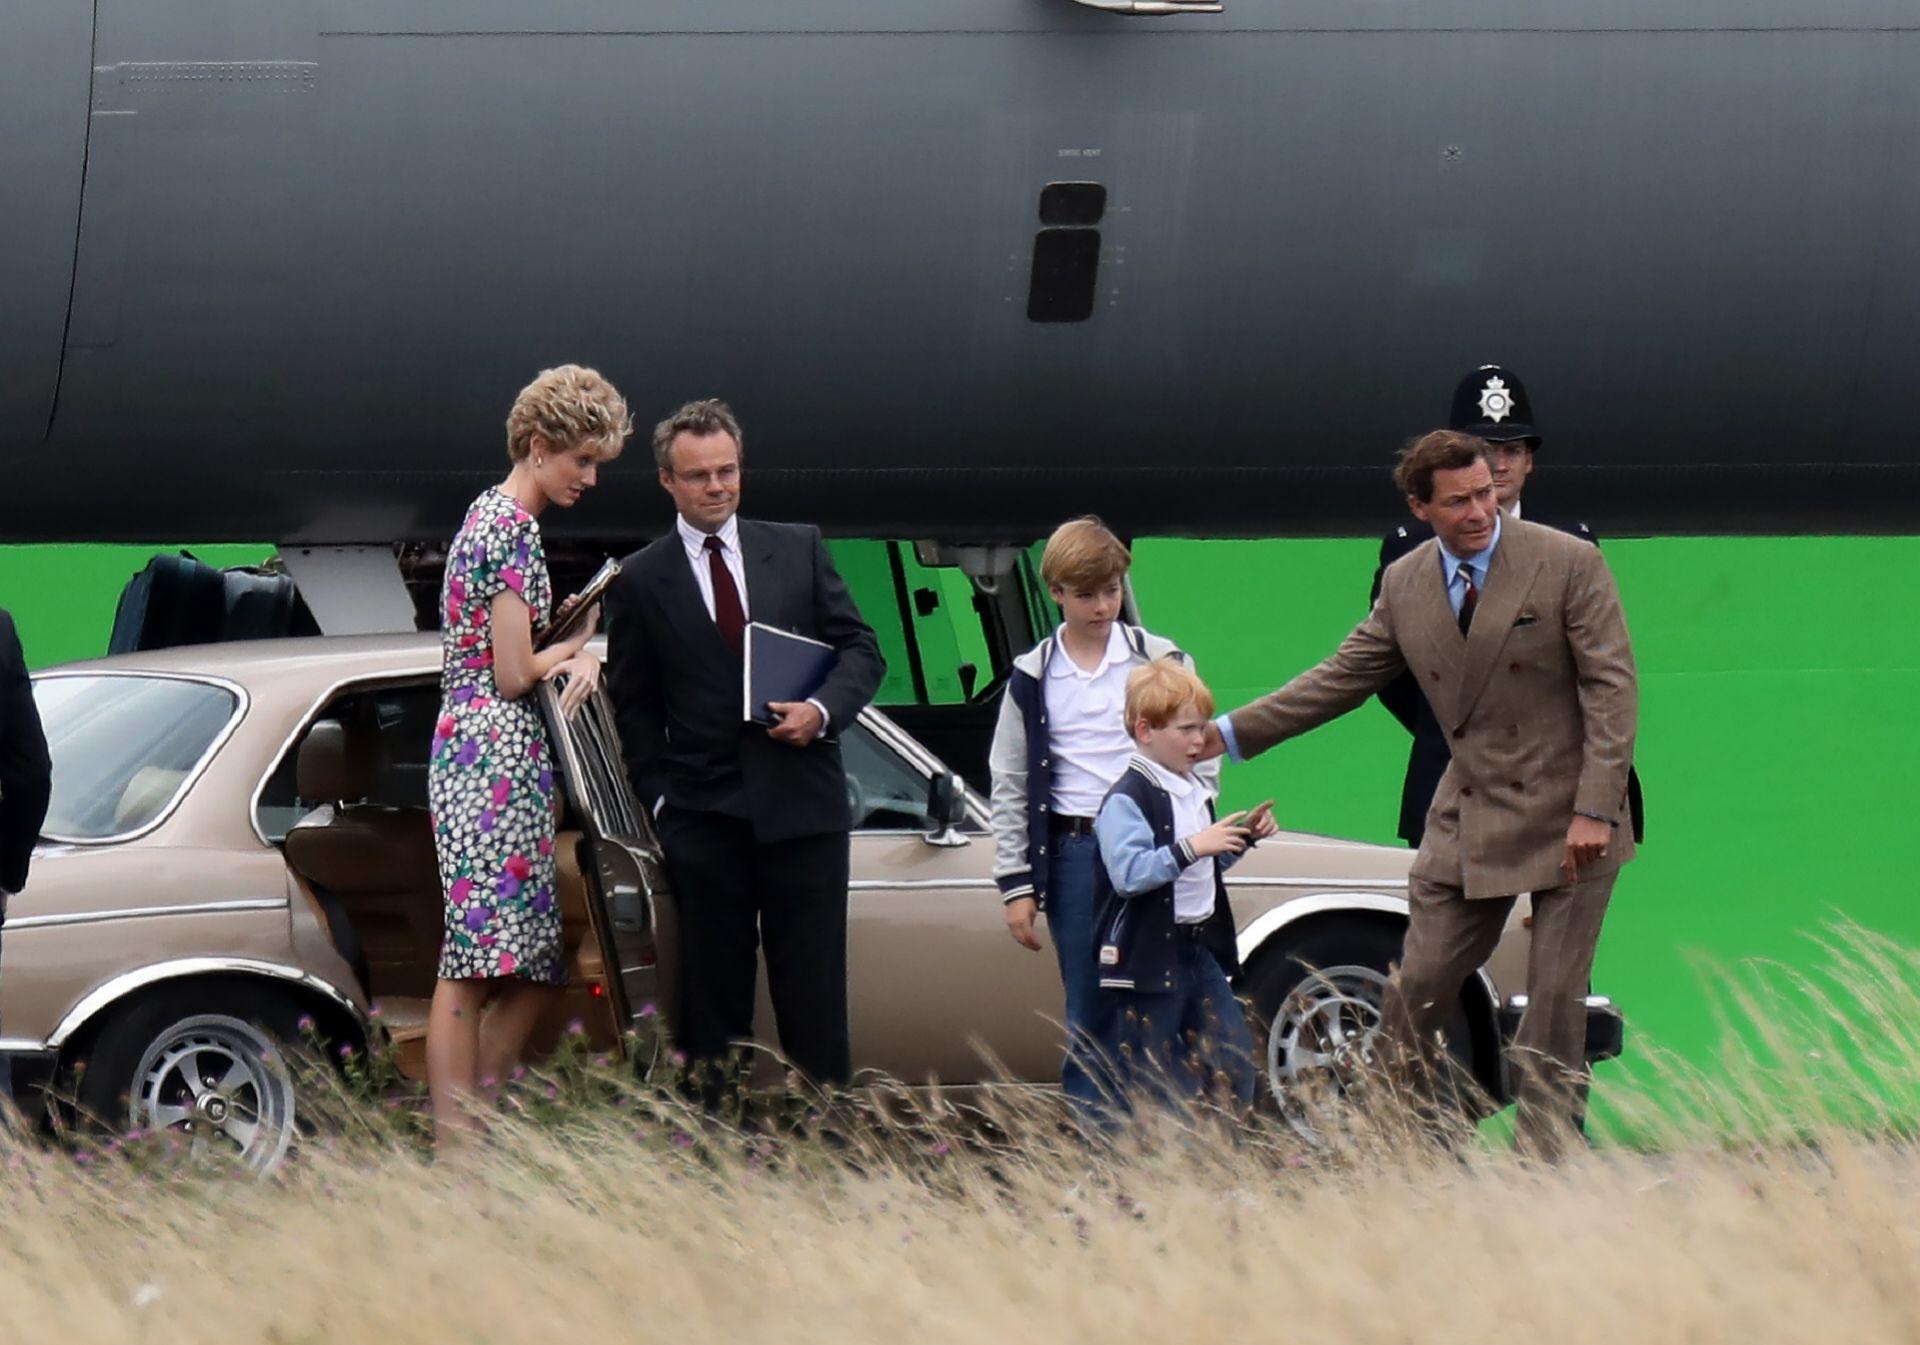 Los actores que hacen el papel de Guillermo, Harry y el príncipe de Gales